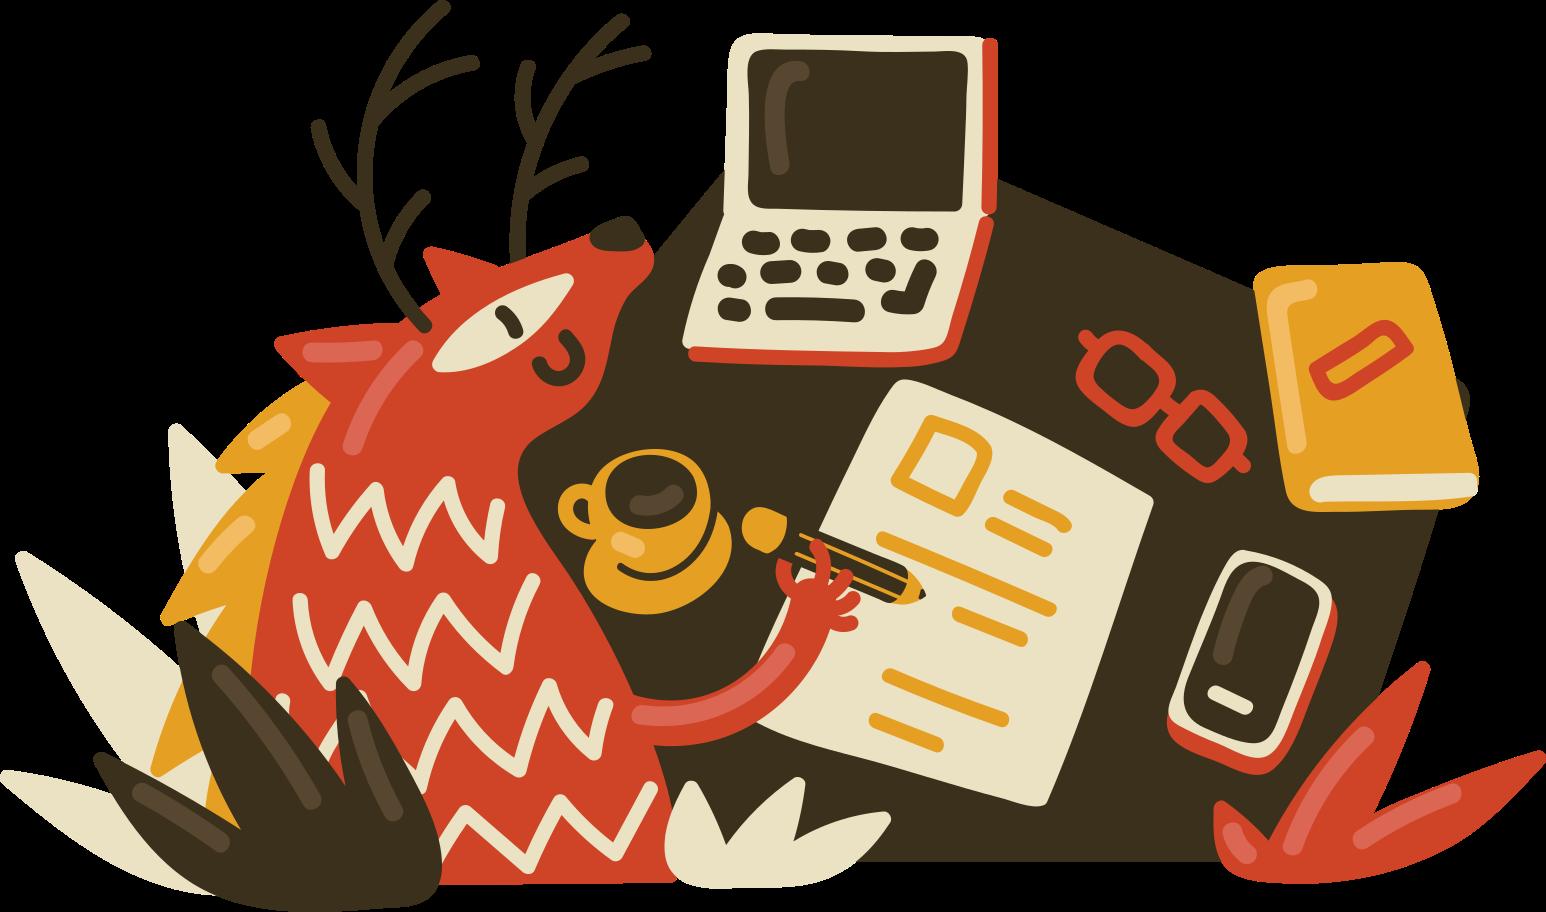 Sign up Clipart illustration in PNG, SVG